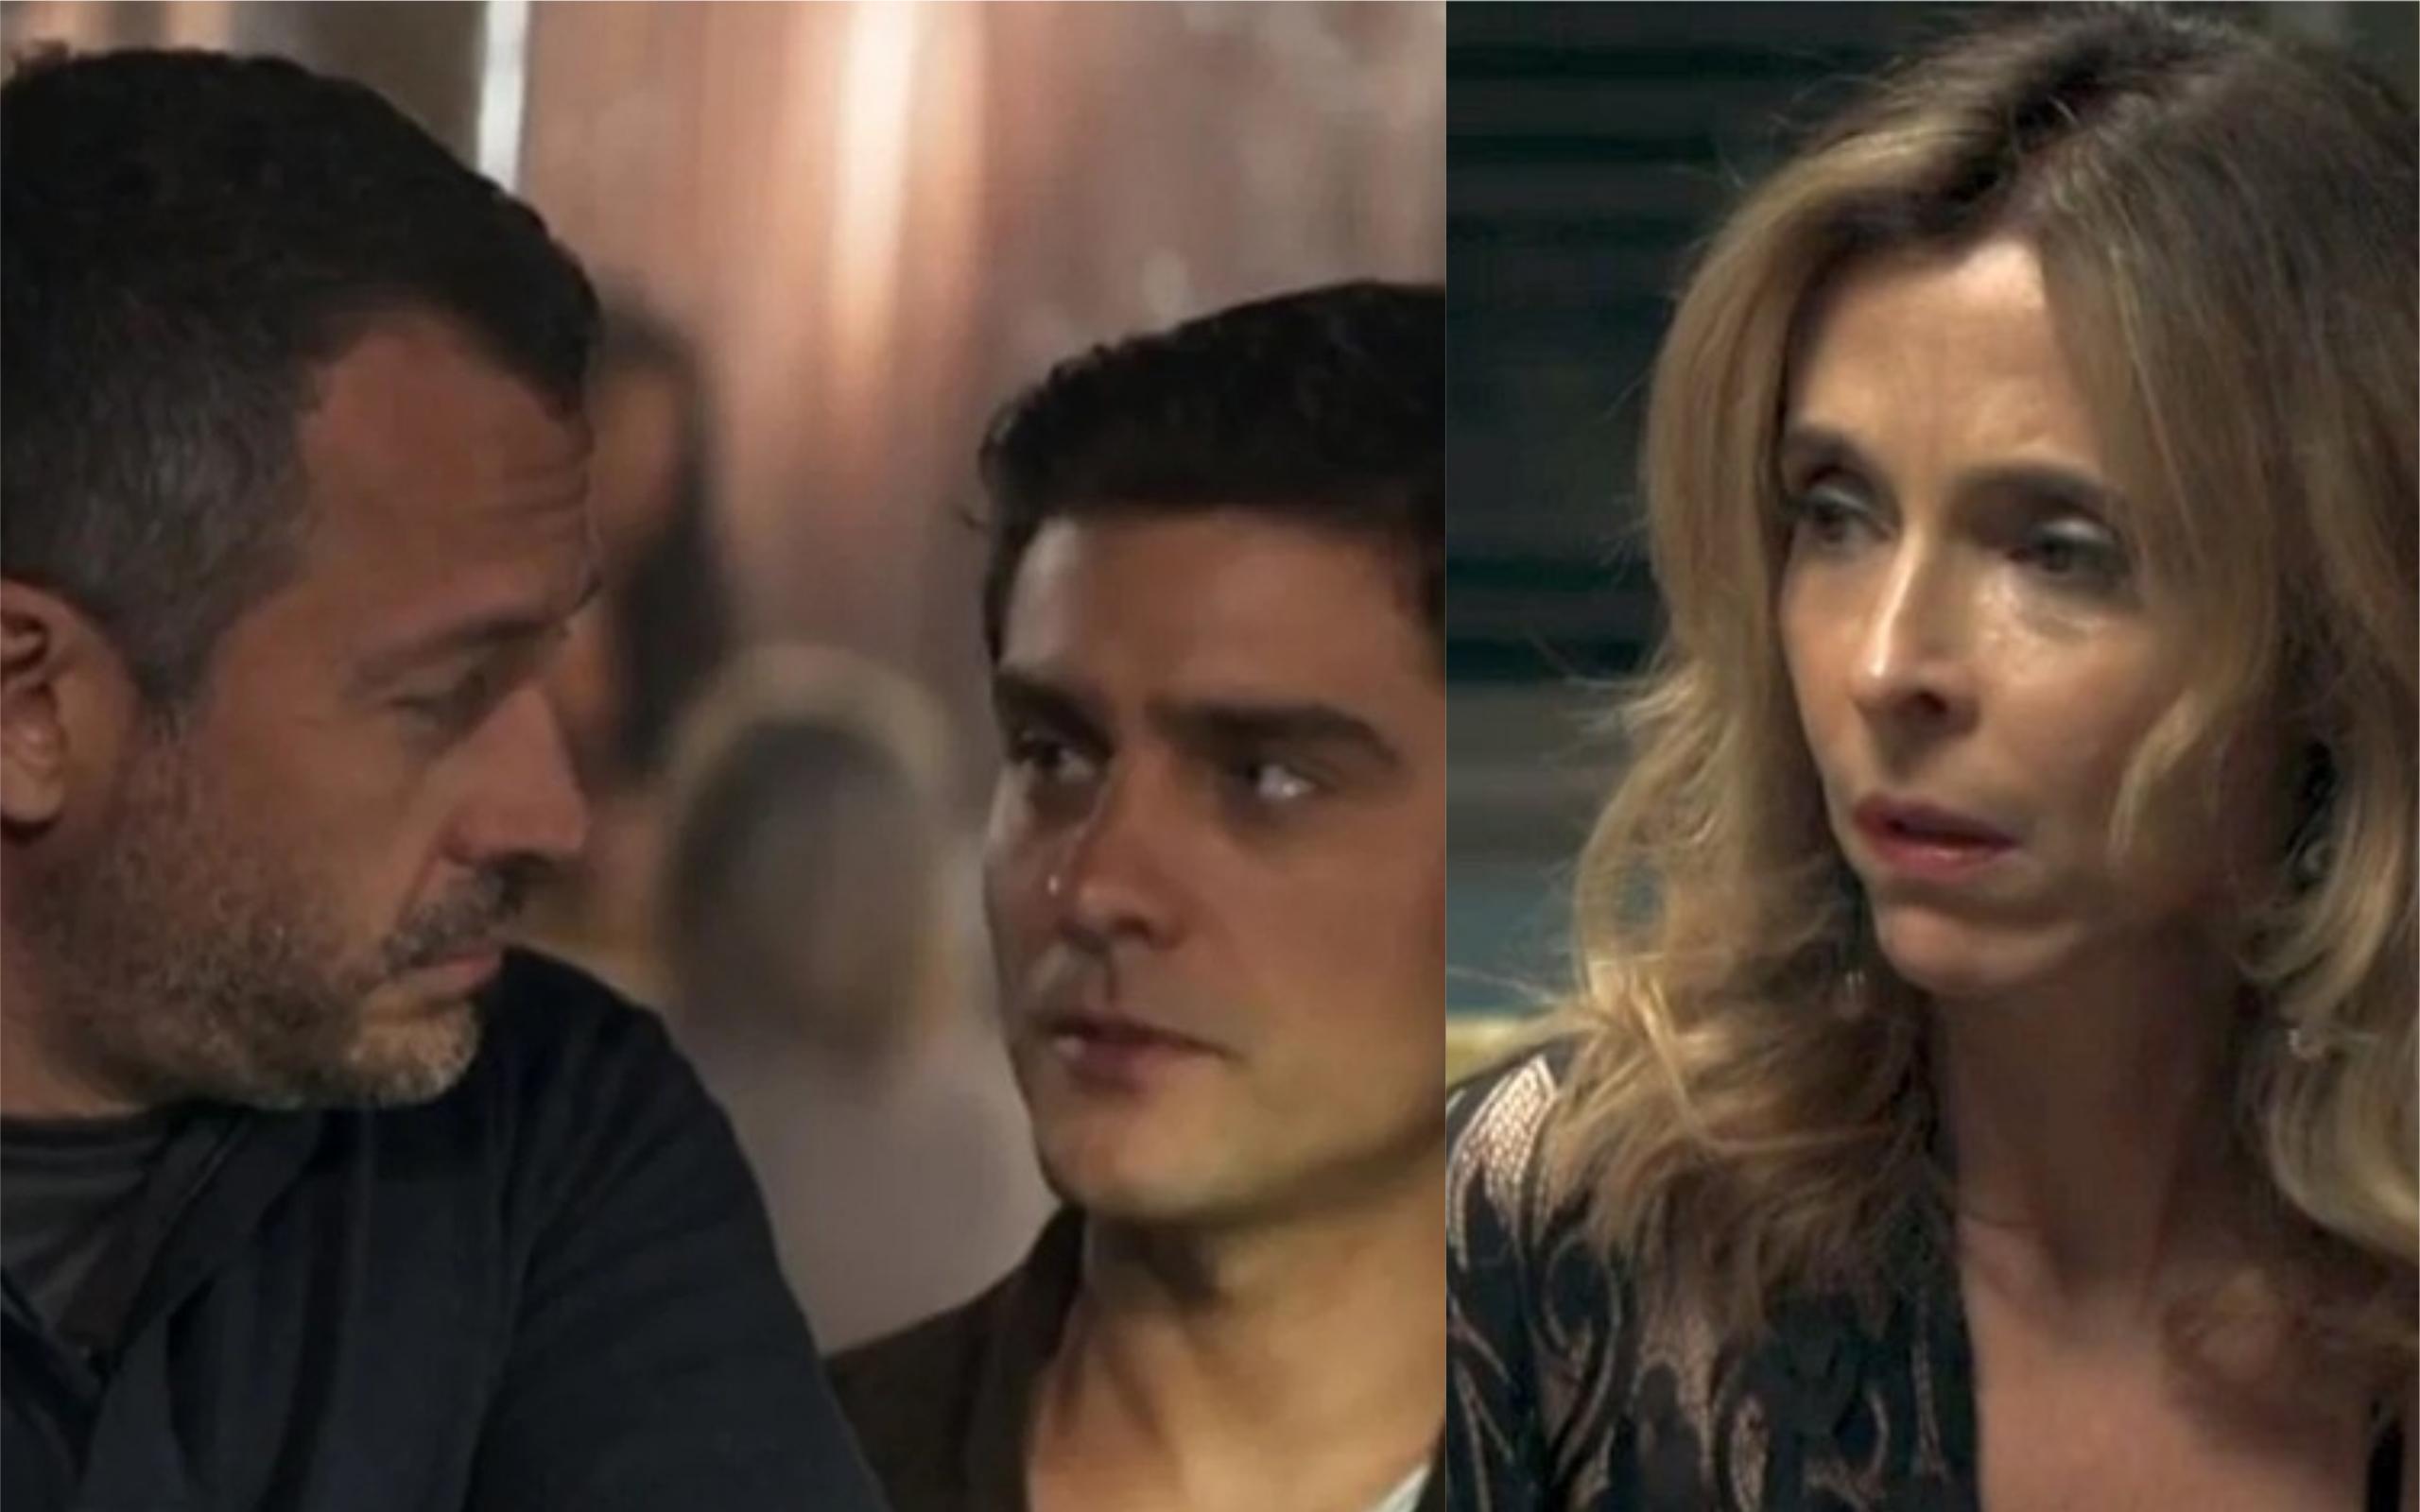 Agno (Malvino Salvador), Leandro (Guilherme Leicam) e Lyris (Deborah Evelyn) em A Dona do Pedaço (Foto: Divulgação / TV Foco)